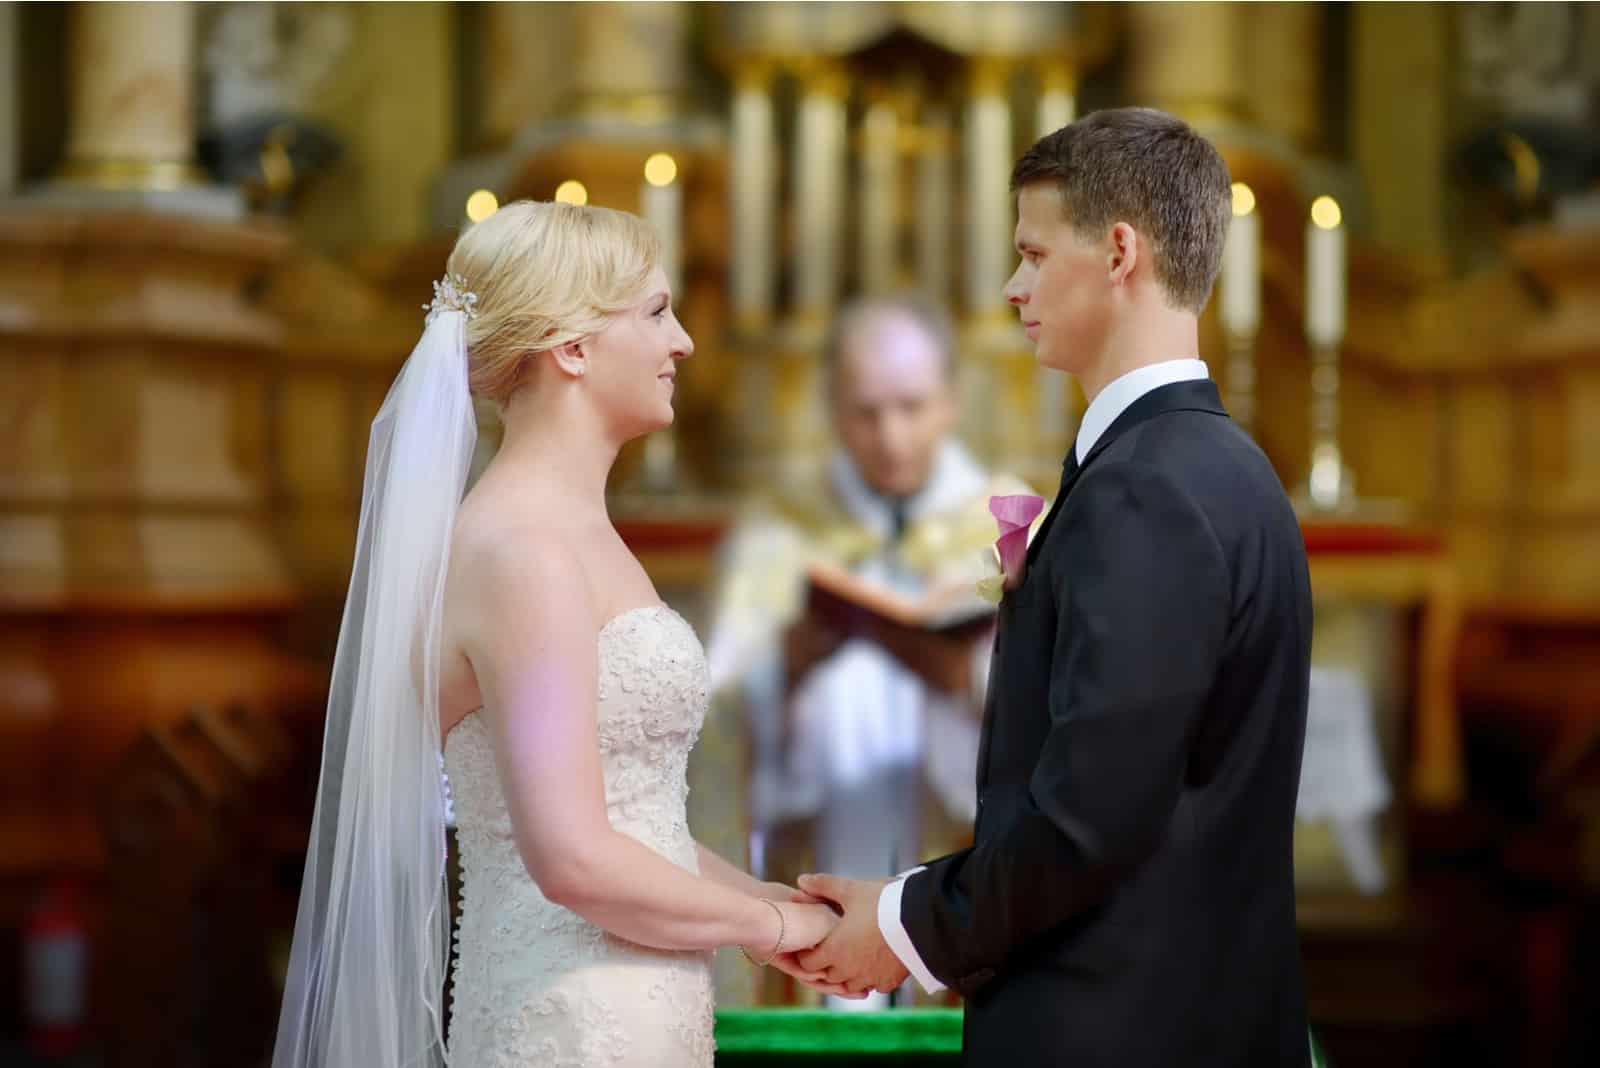 Braut und Bräutigam in der Kirche während einer Hochzeitszeremonie